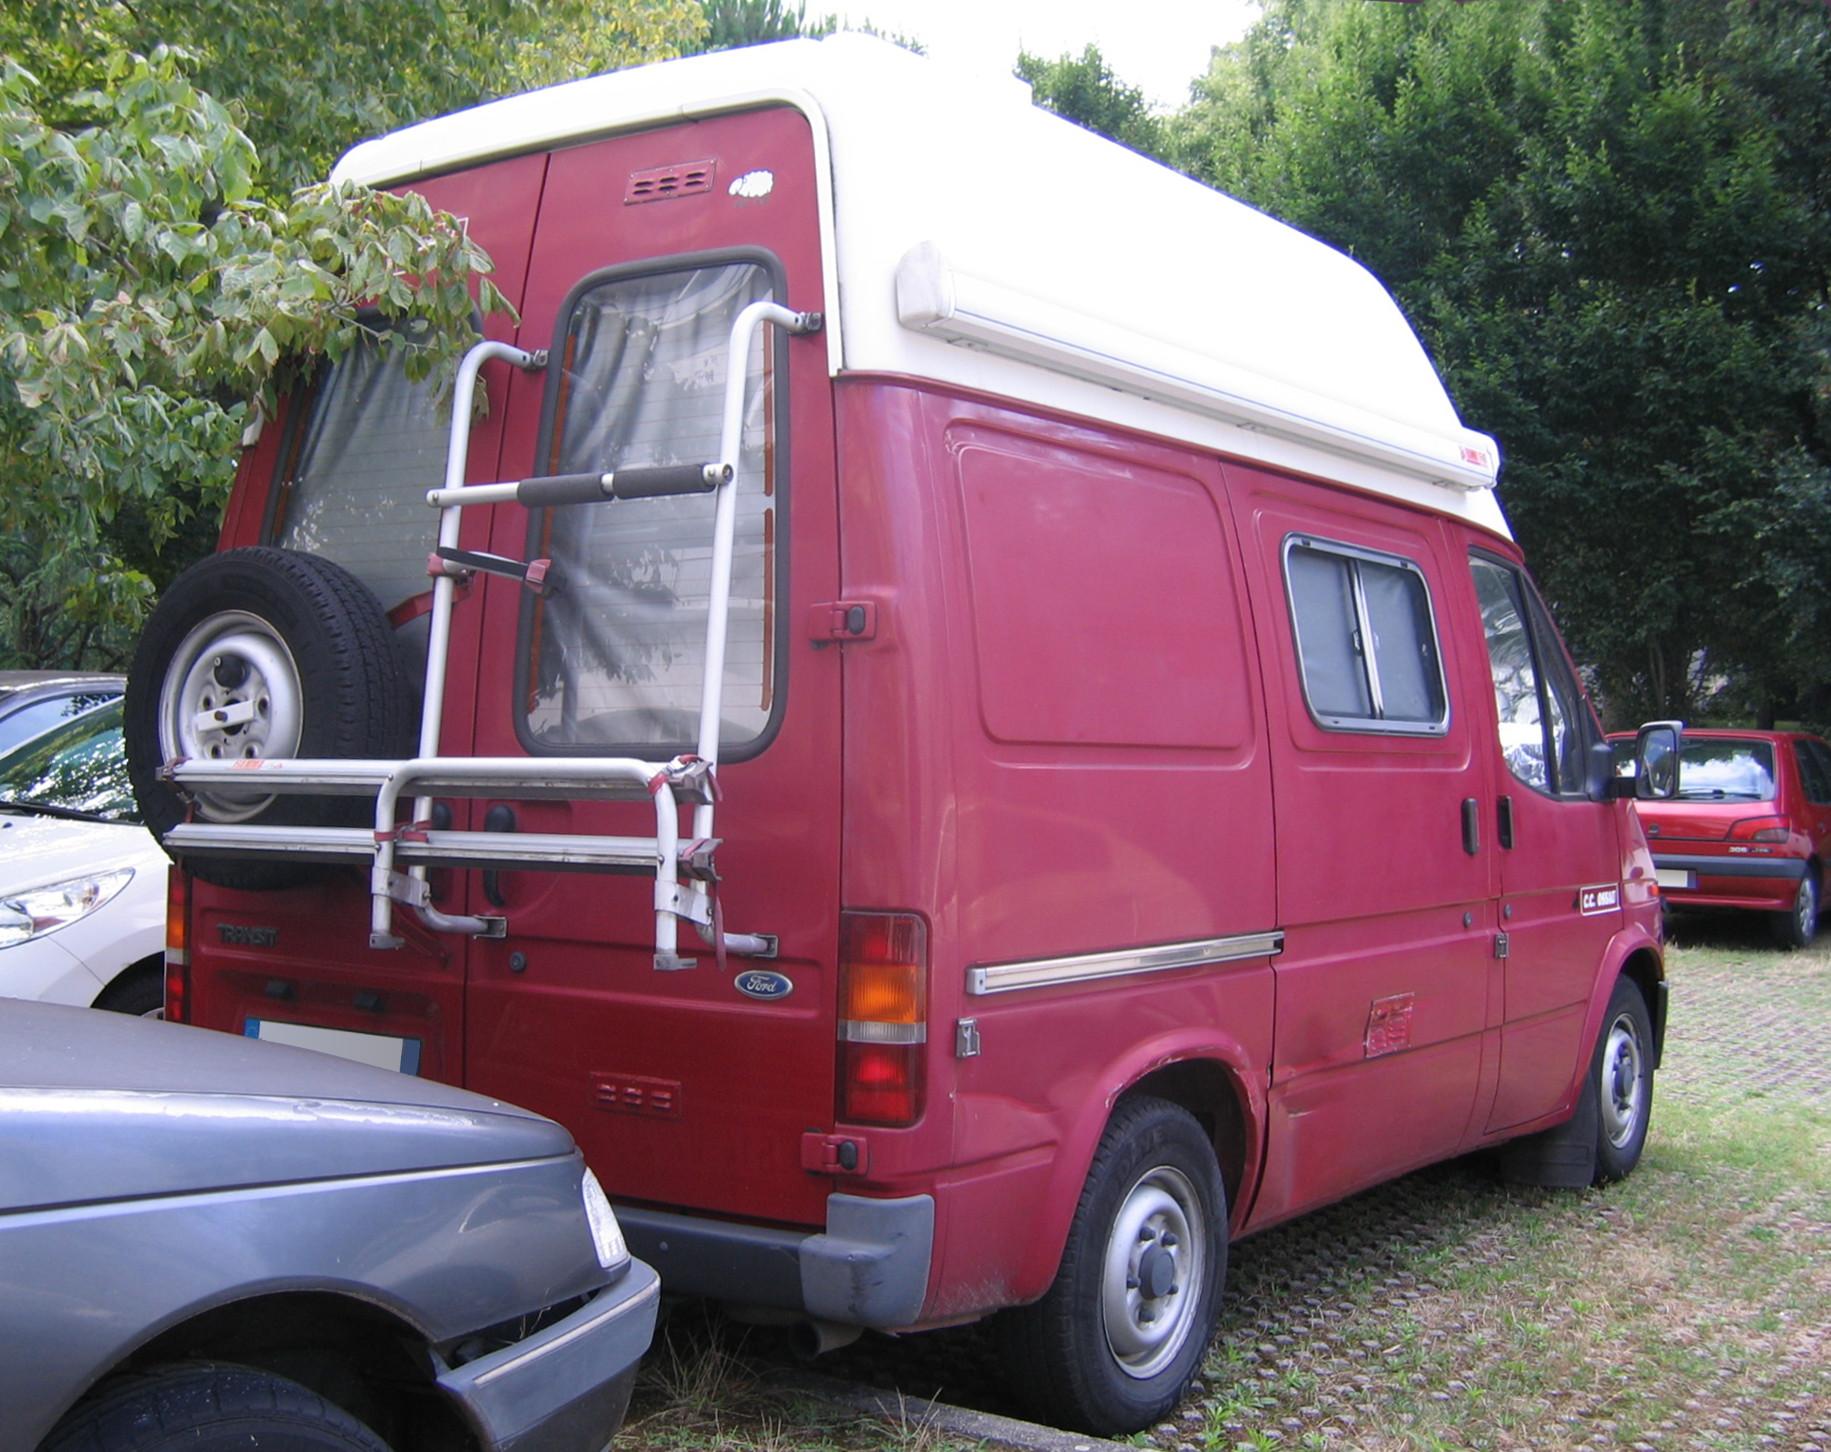 file 1991 1994 ossau ford transit campervan rr jpg wikimedia commons. Black Bedroom Furniture Sets. Home Design Ideas